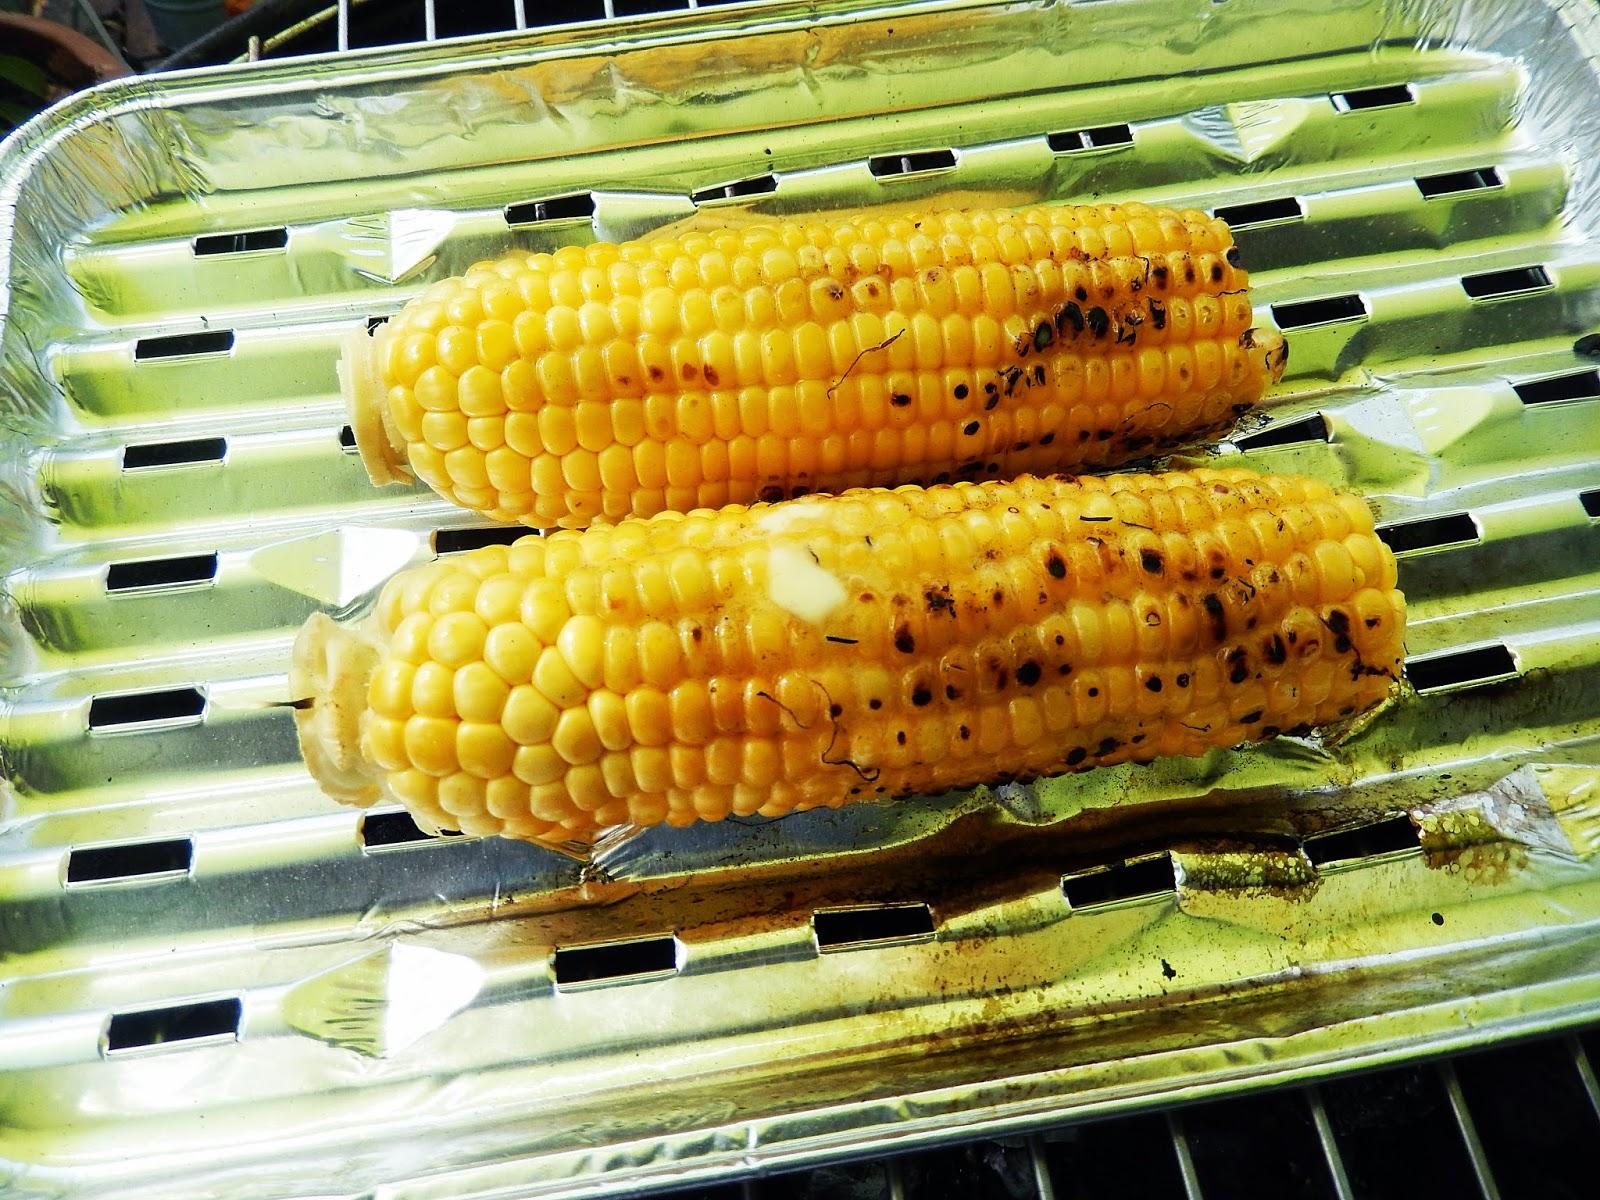 j'ai toujours aimé le jaune moutarde: maïs grillé au barbecue avec